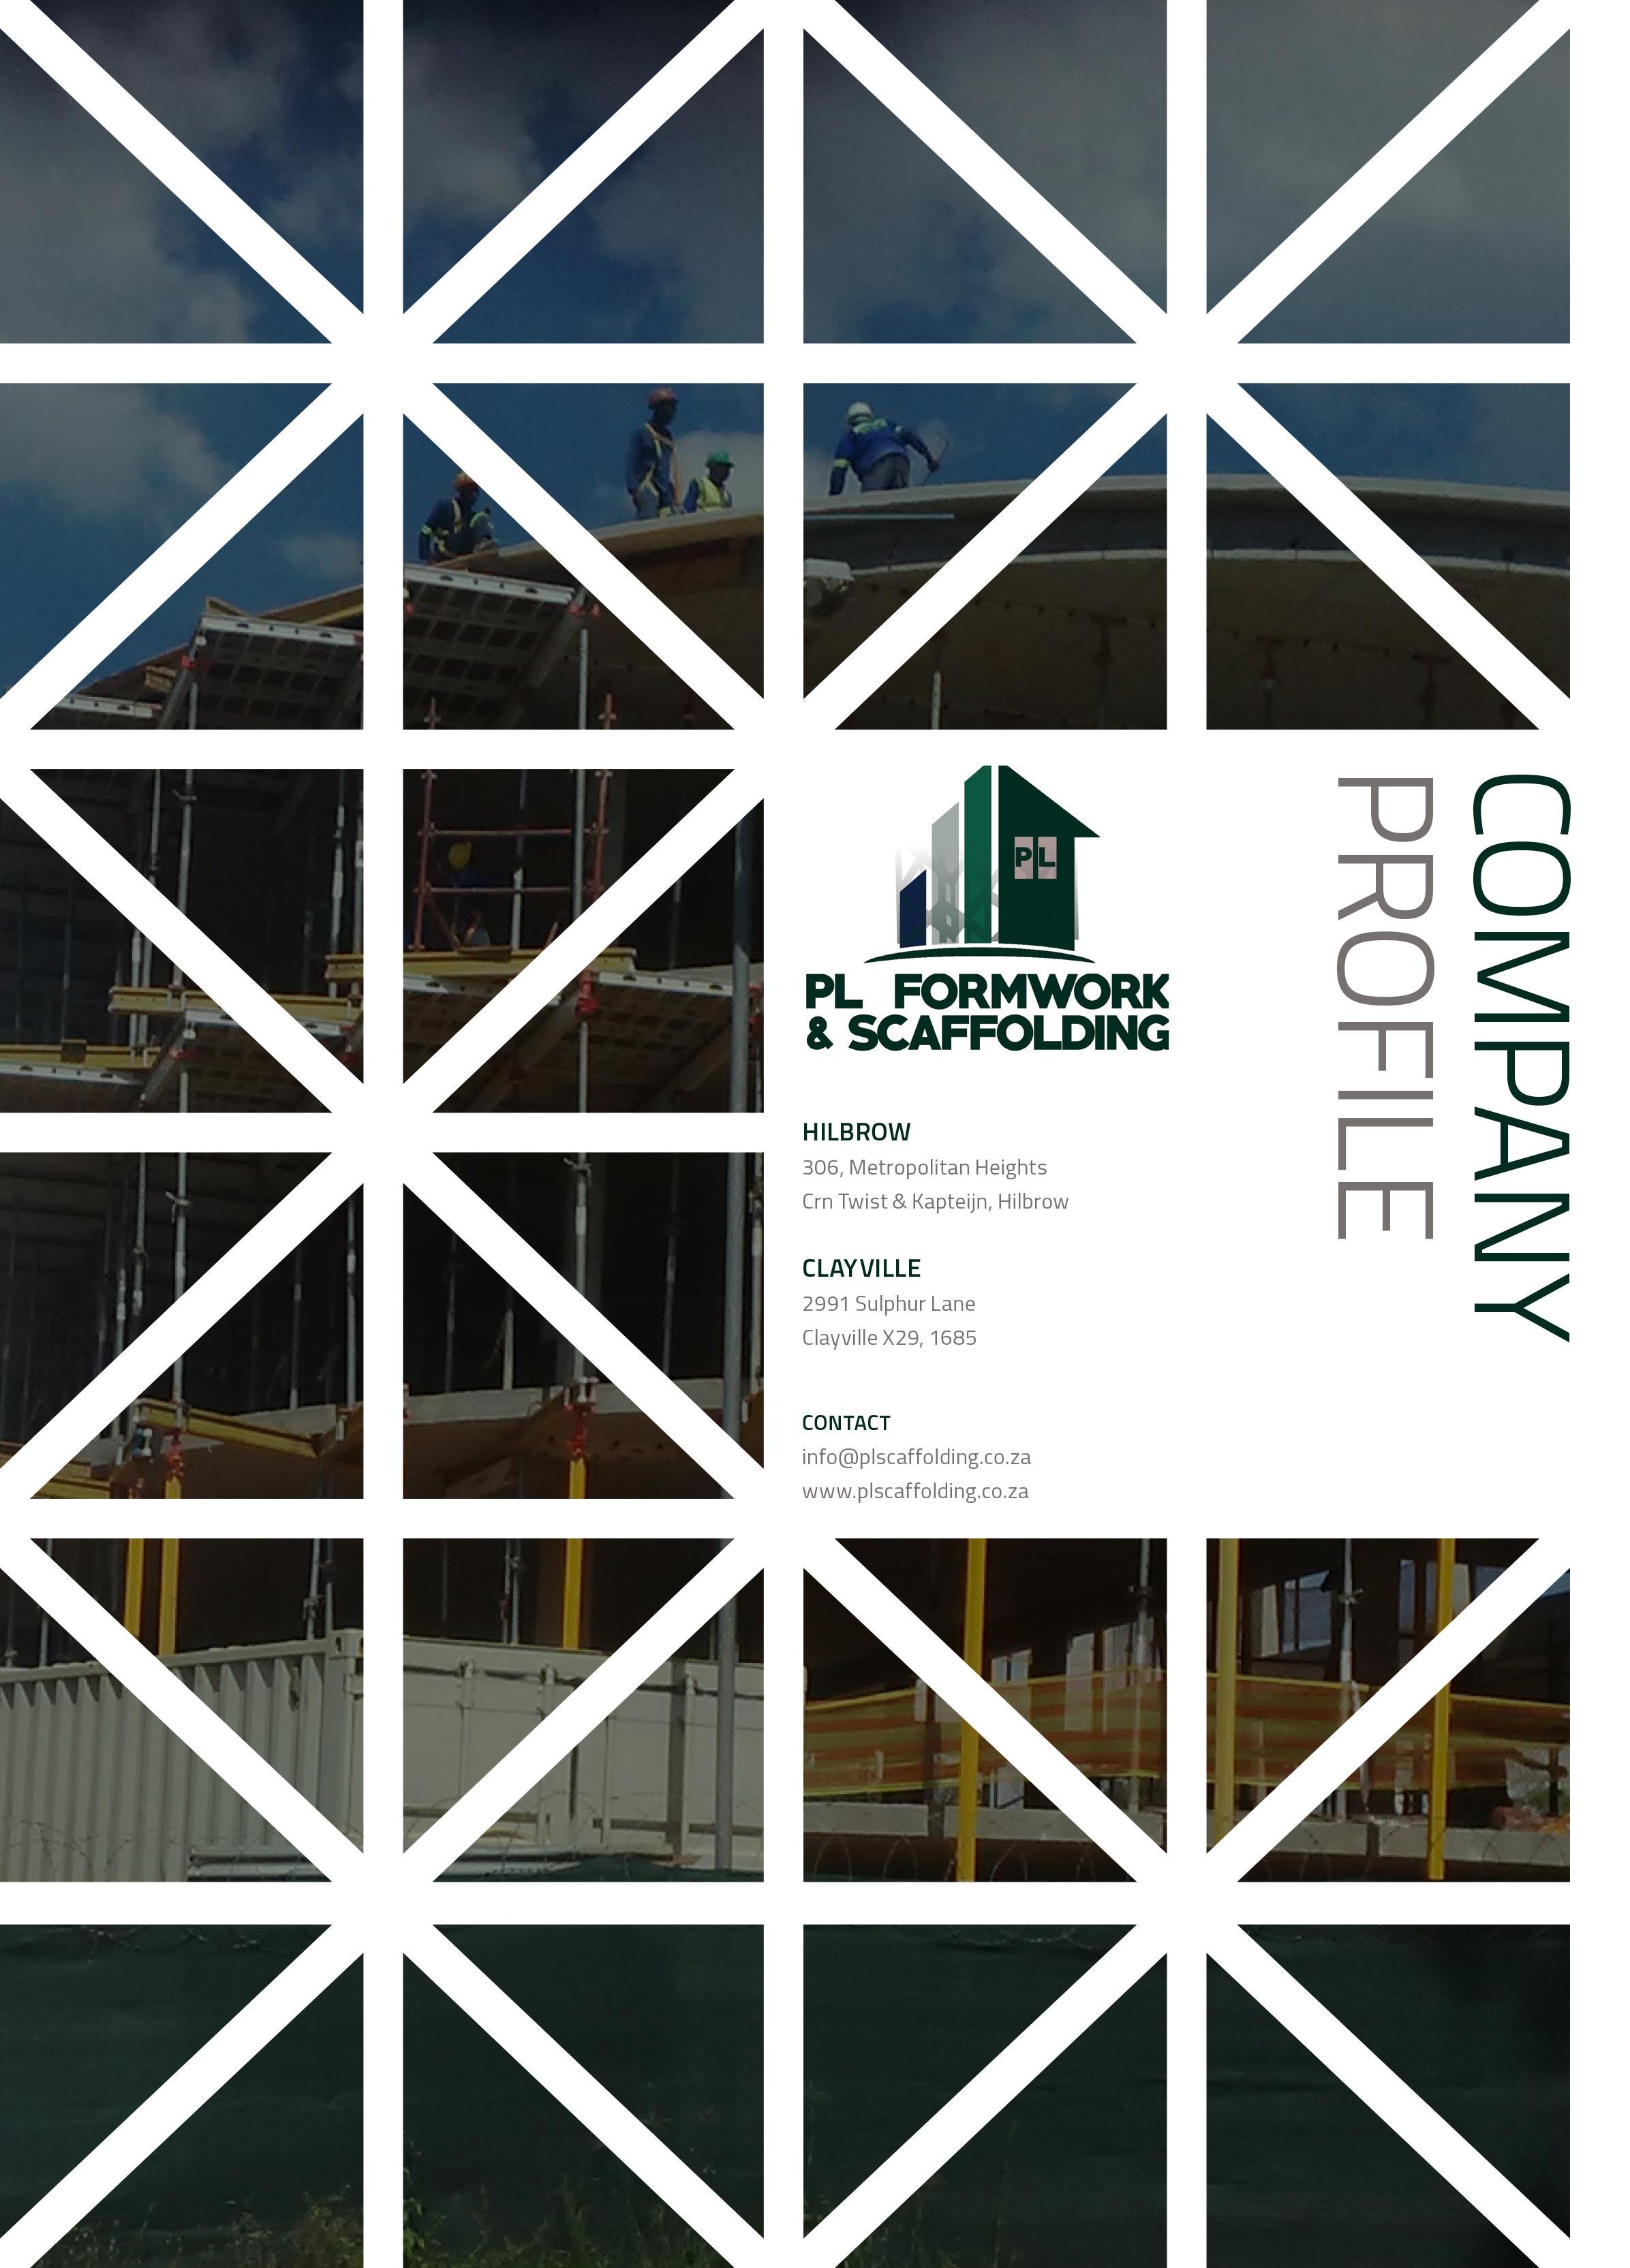 PL Formwork & Scaffolding